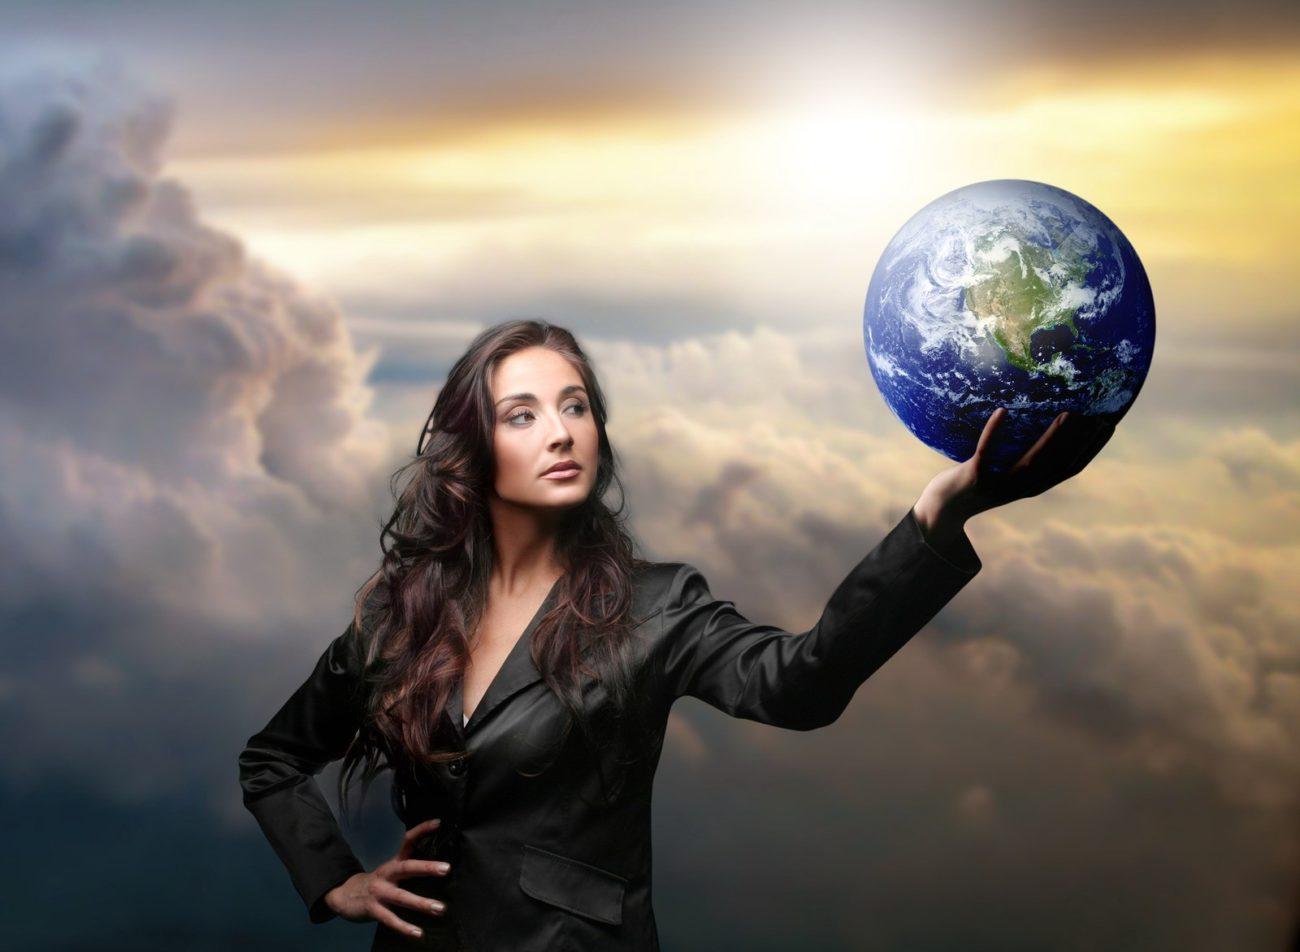 цель, гармония, саморазвитие, Дарья Коноплева женская психология размышления саморазвитие, Энергия слова – творю ли я тот мир, который желаю?, Новости Саморазвитие и личностный рост Статьи, psychologies.today